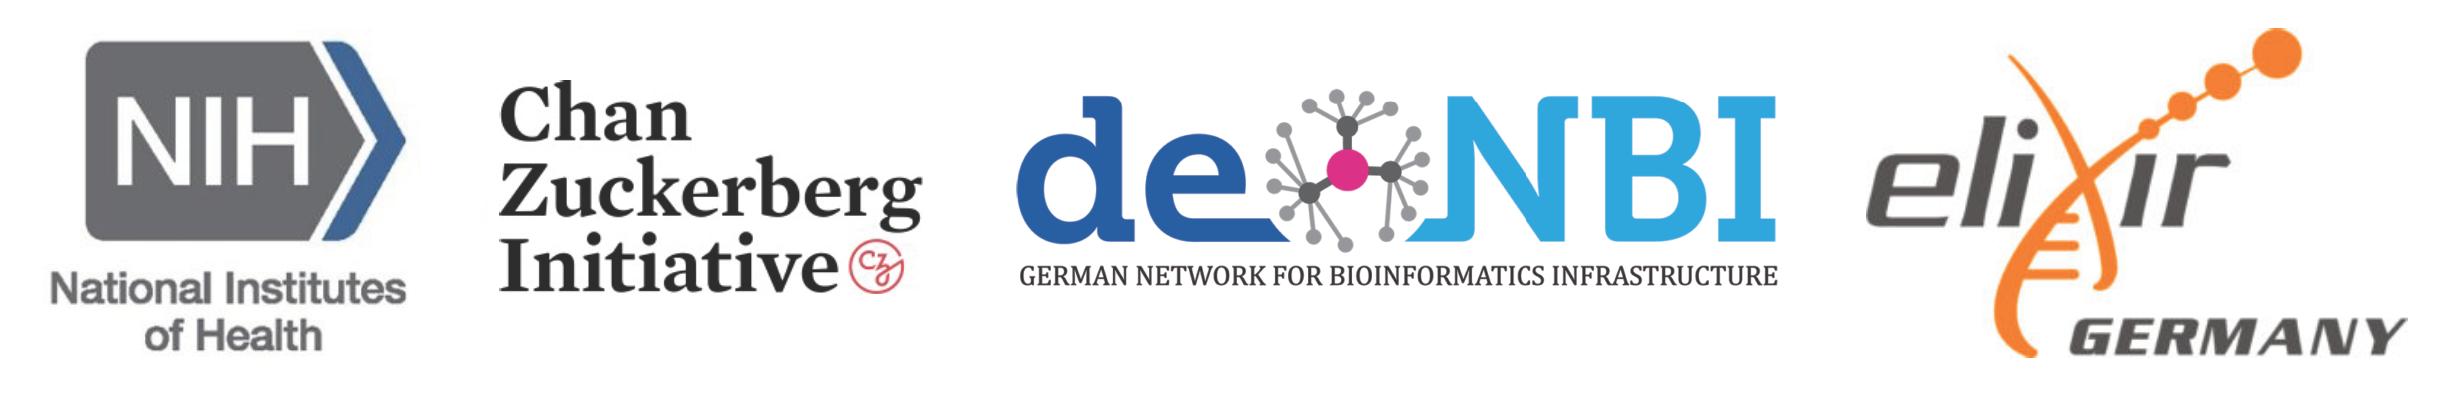 sponsor logos: NIH, Chan Zuckerberg Initiative, deNBI, elixir Germany